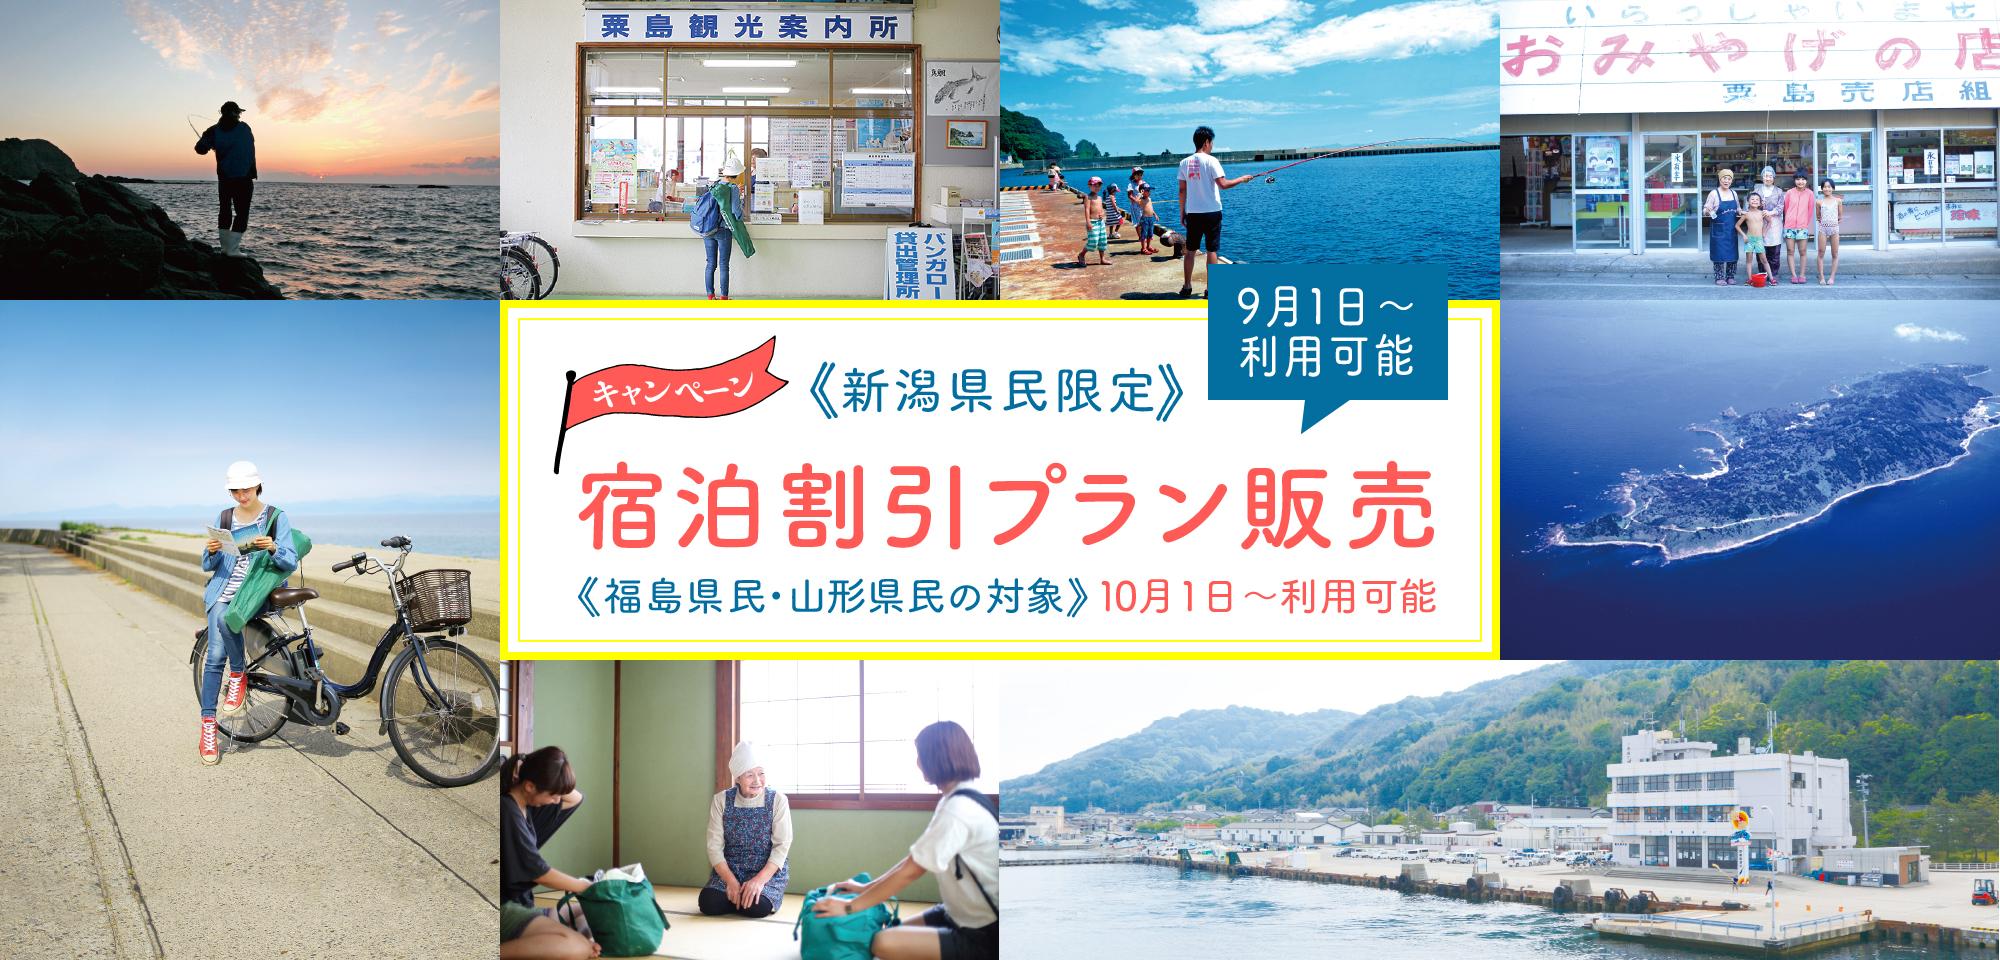 キャンペーン 新潟県民限定宿泊割引プラン販売